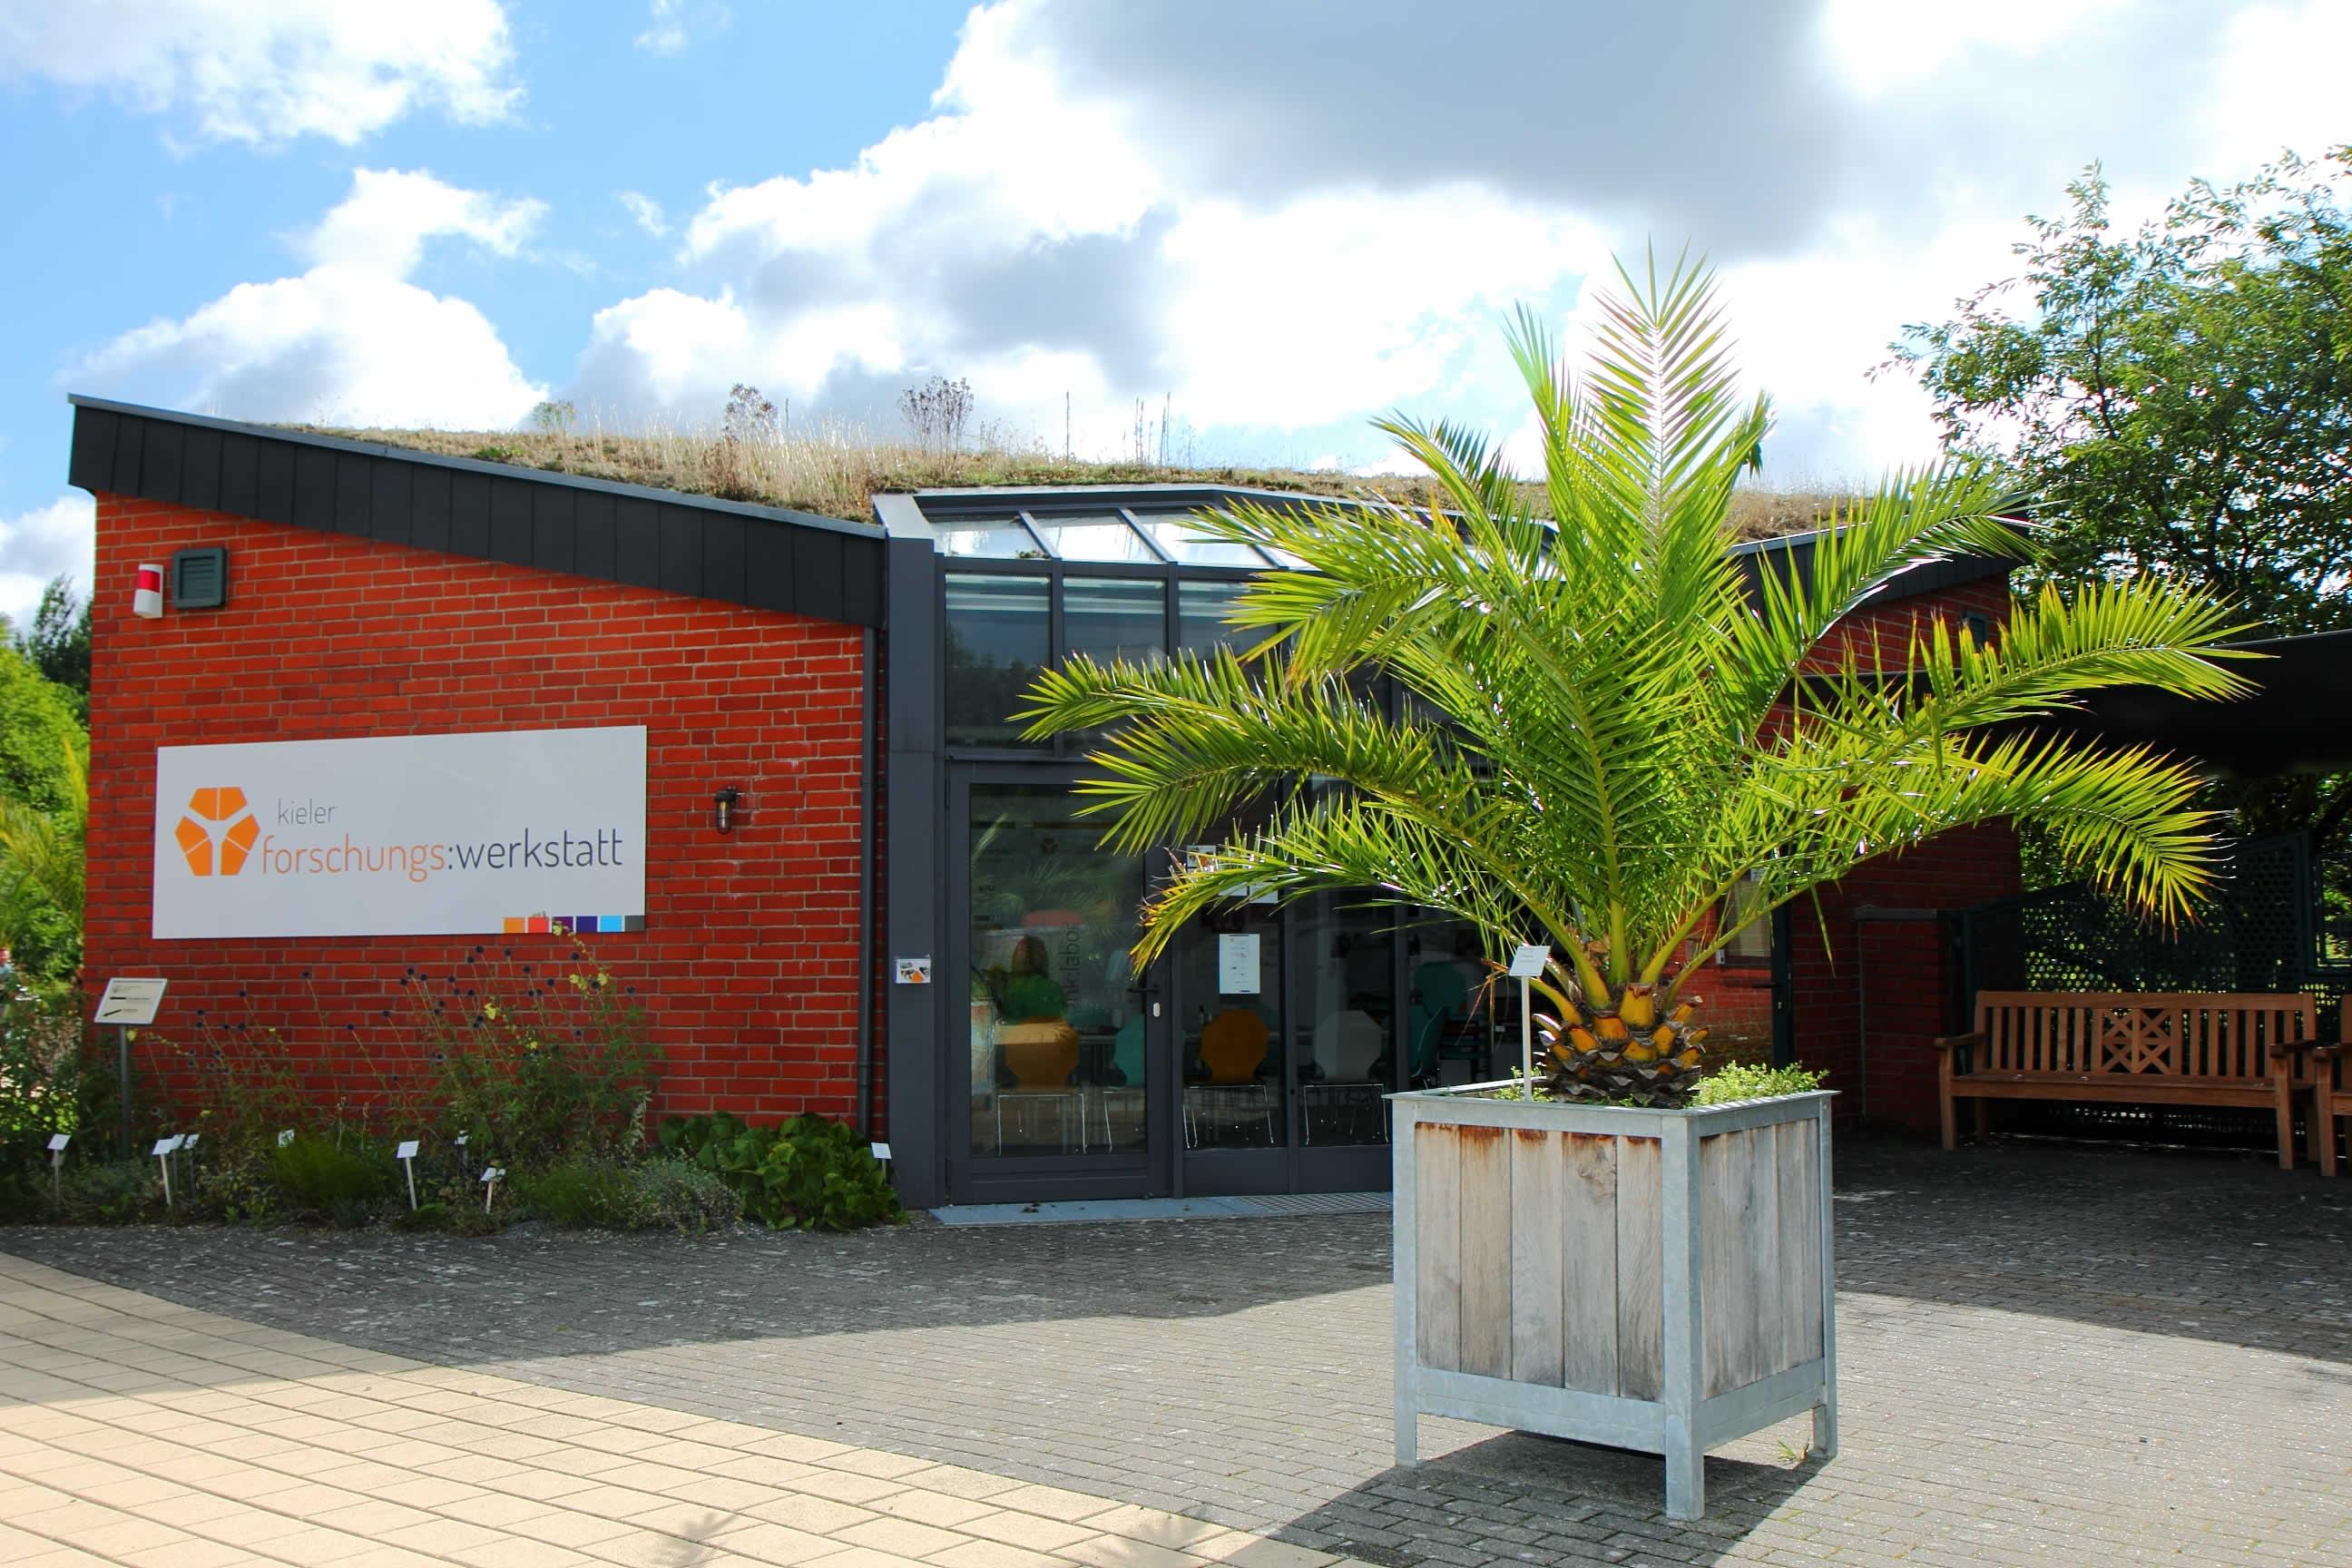 Lehrerfortbildungen in der Kieler Forschungswerkstatt beispielsweise zur Nanotechnologie